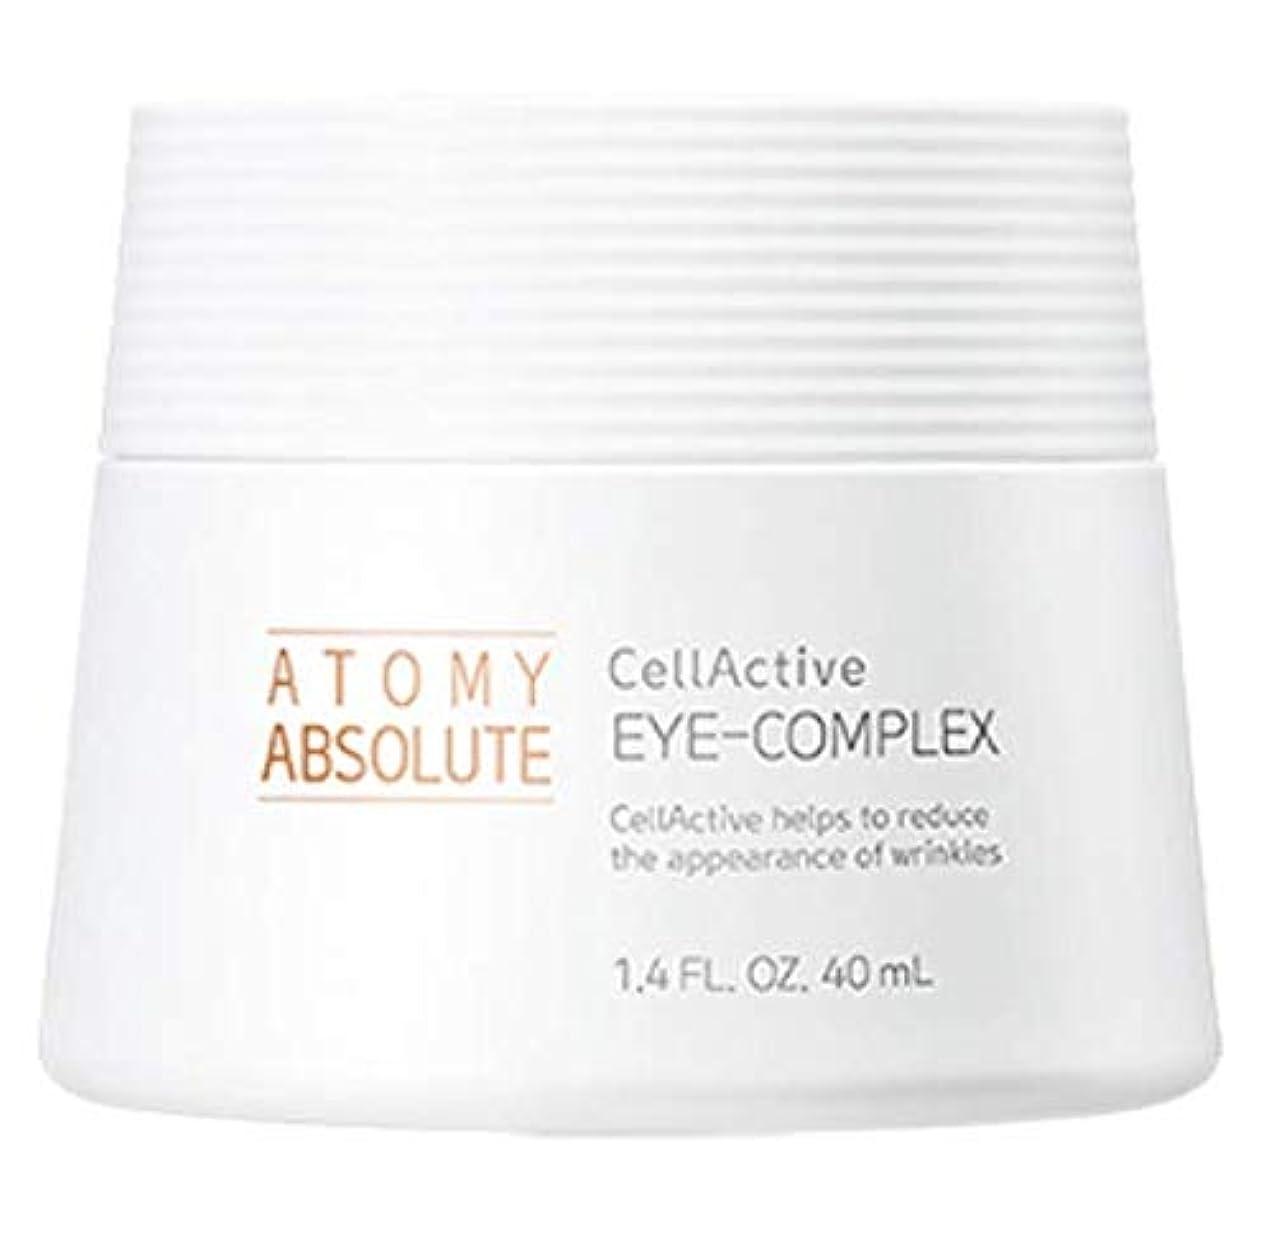 敬ジョリー制限アトミエイソルート セレクティブ アイクリームAtomy Celective Absolute Eye-Complex 40ml [並行輸入品]